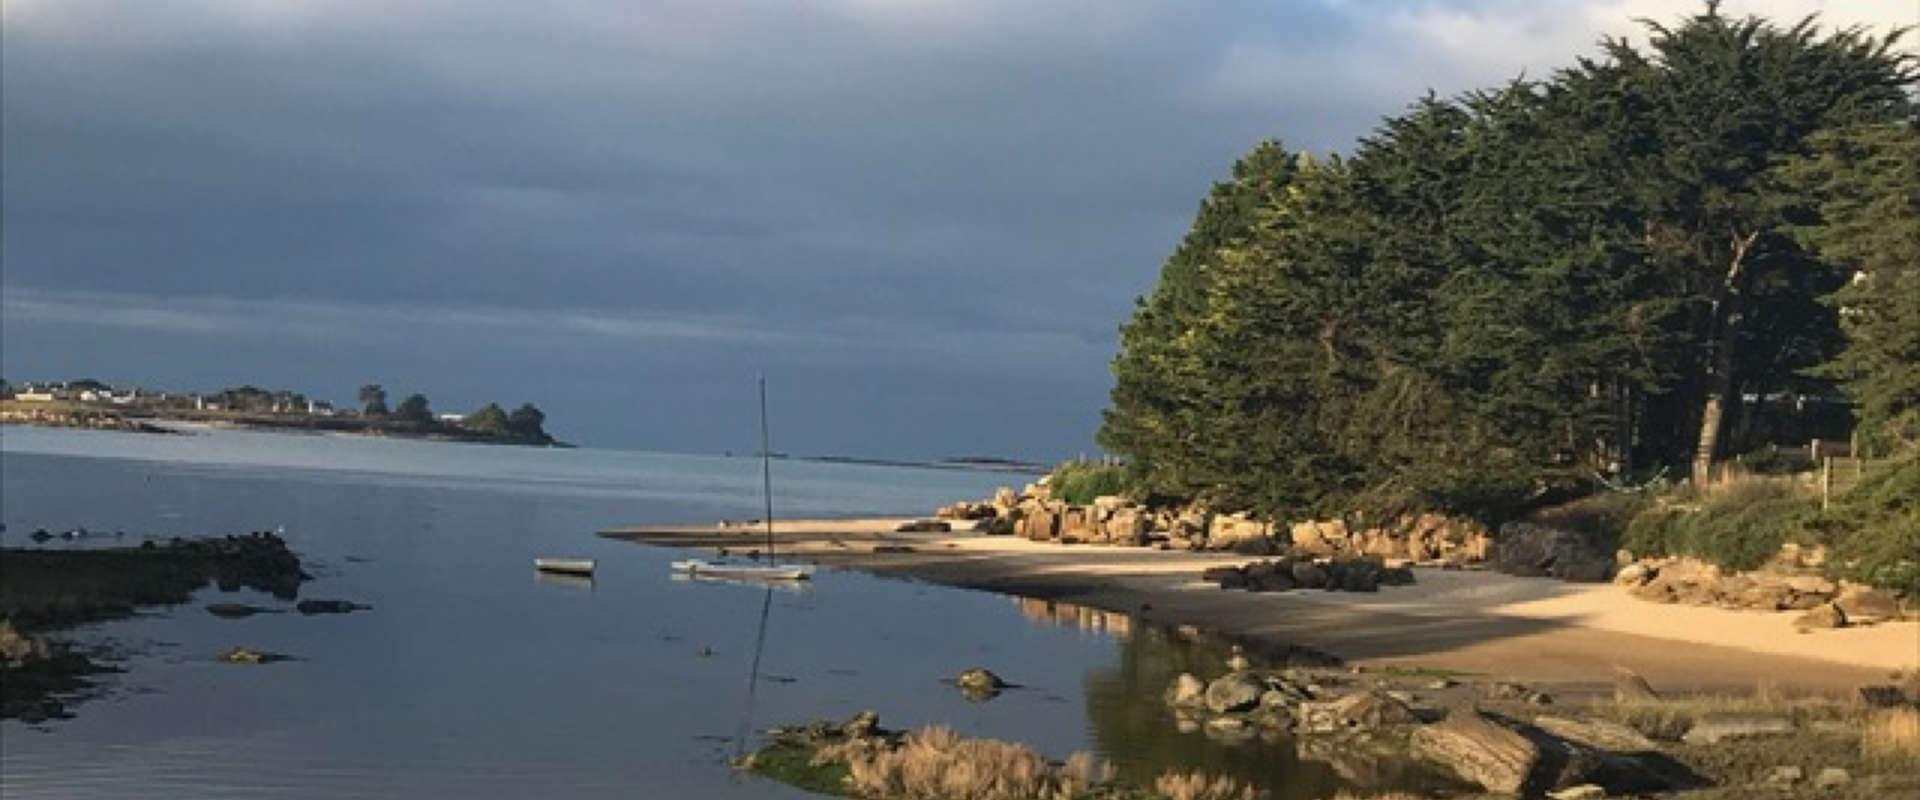 les-sablettes-9-plage.jpg